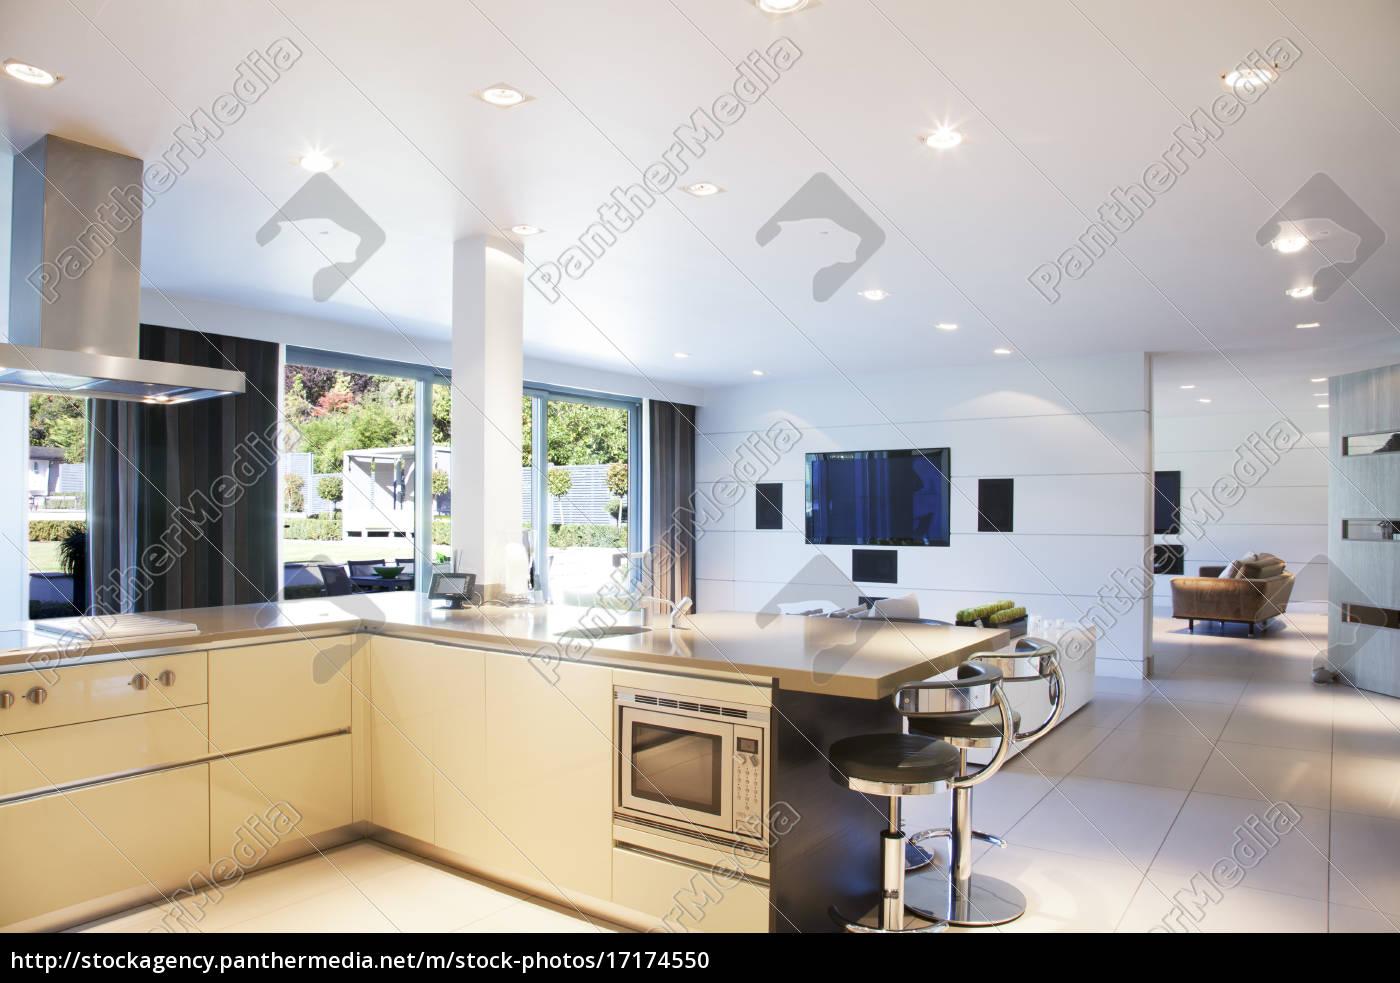 küche und wohnzimmer im modernen haus - Stockfoto - #17174550 ...